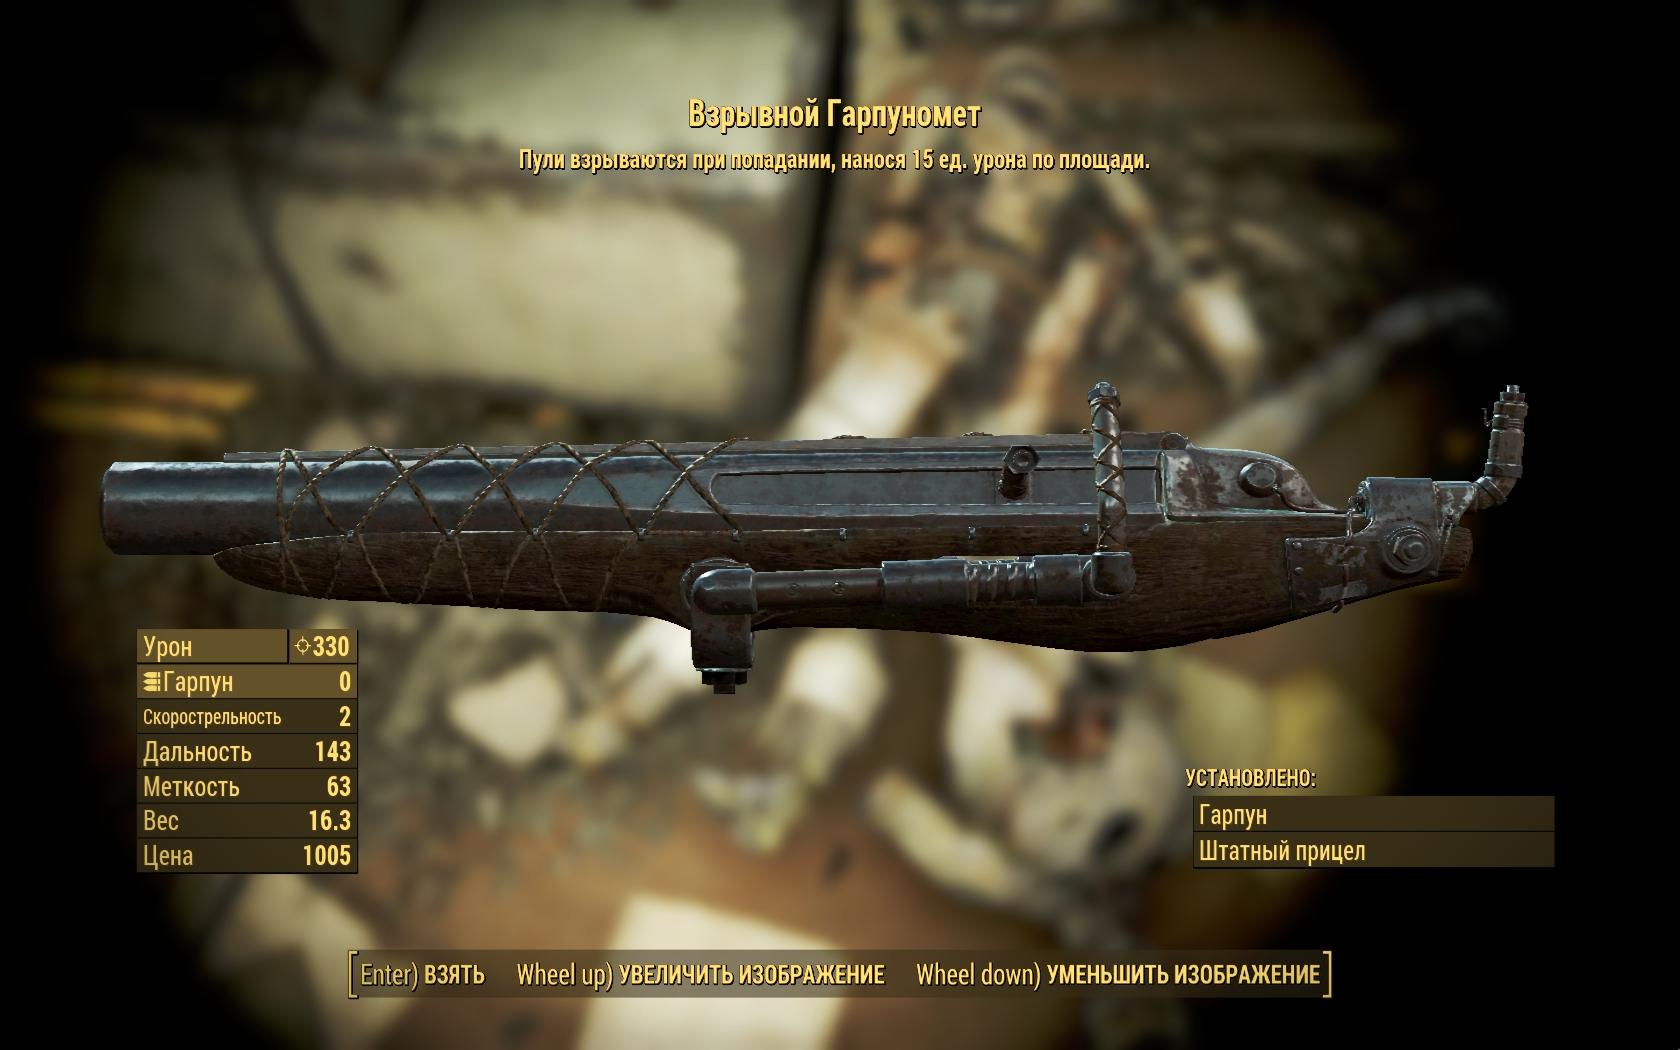 Взрывной гарпуномёт - Fallout 4 гарпуномёт, Оружие